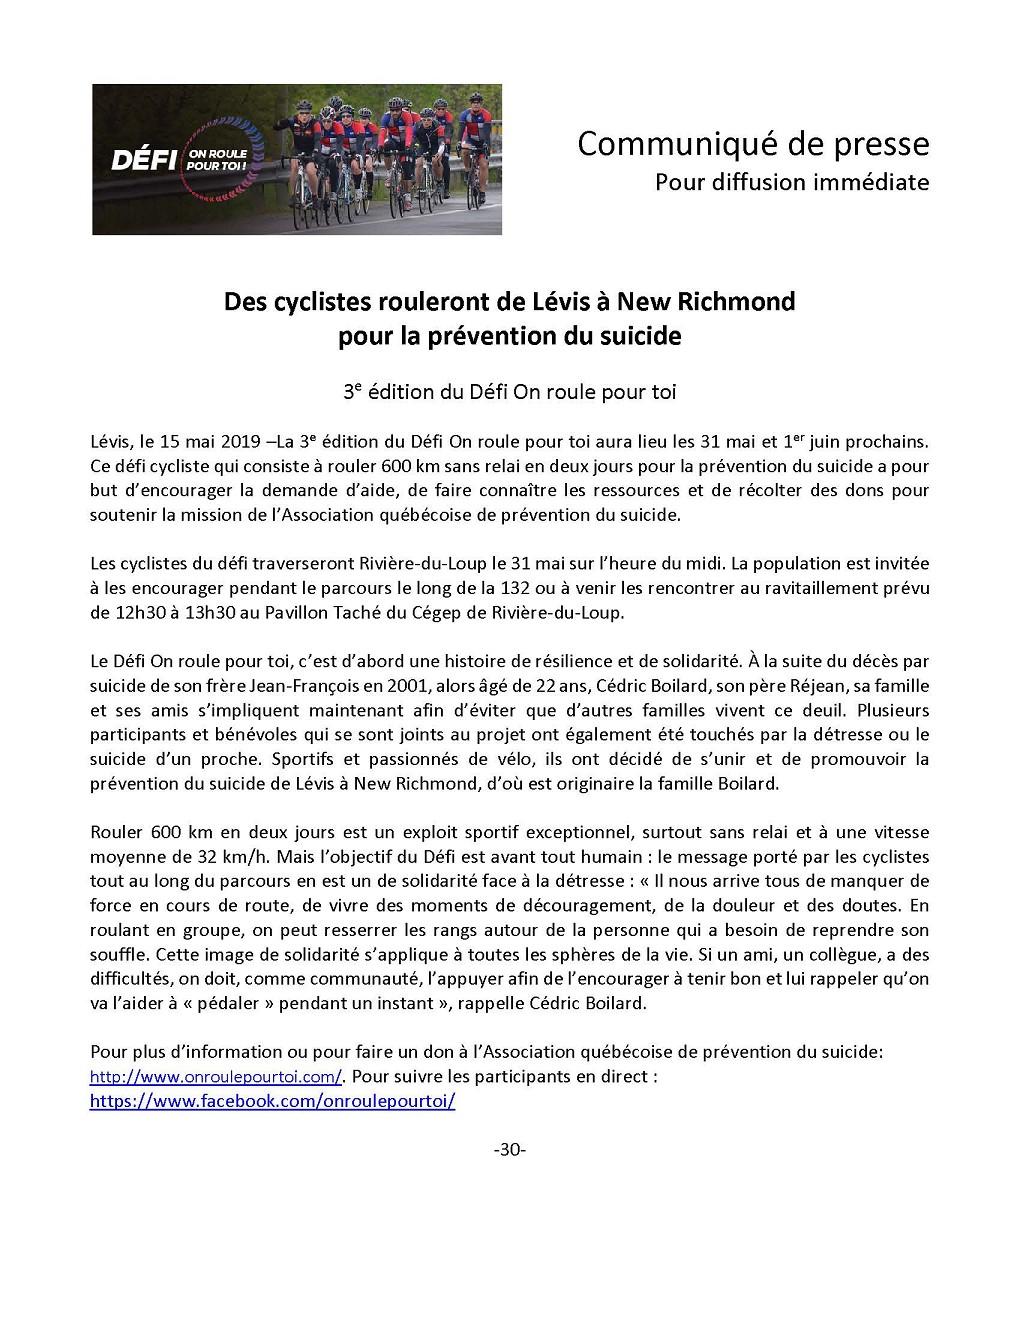 Communiqué Défi On roule pour toi 2019_Rivière-du-Loup__Page_1 (Auteur : Angélika)